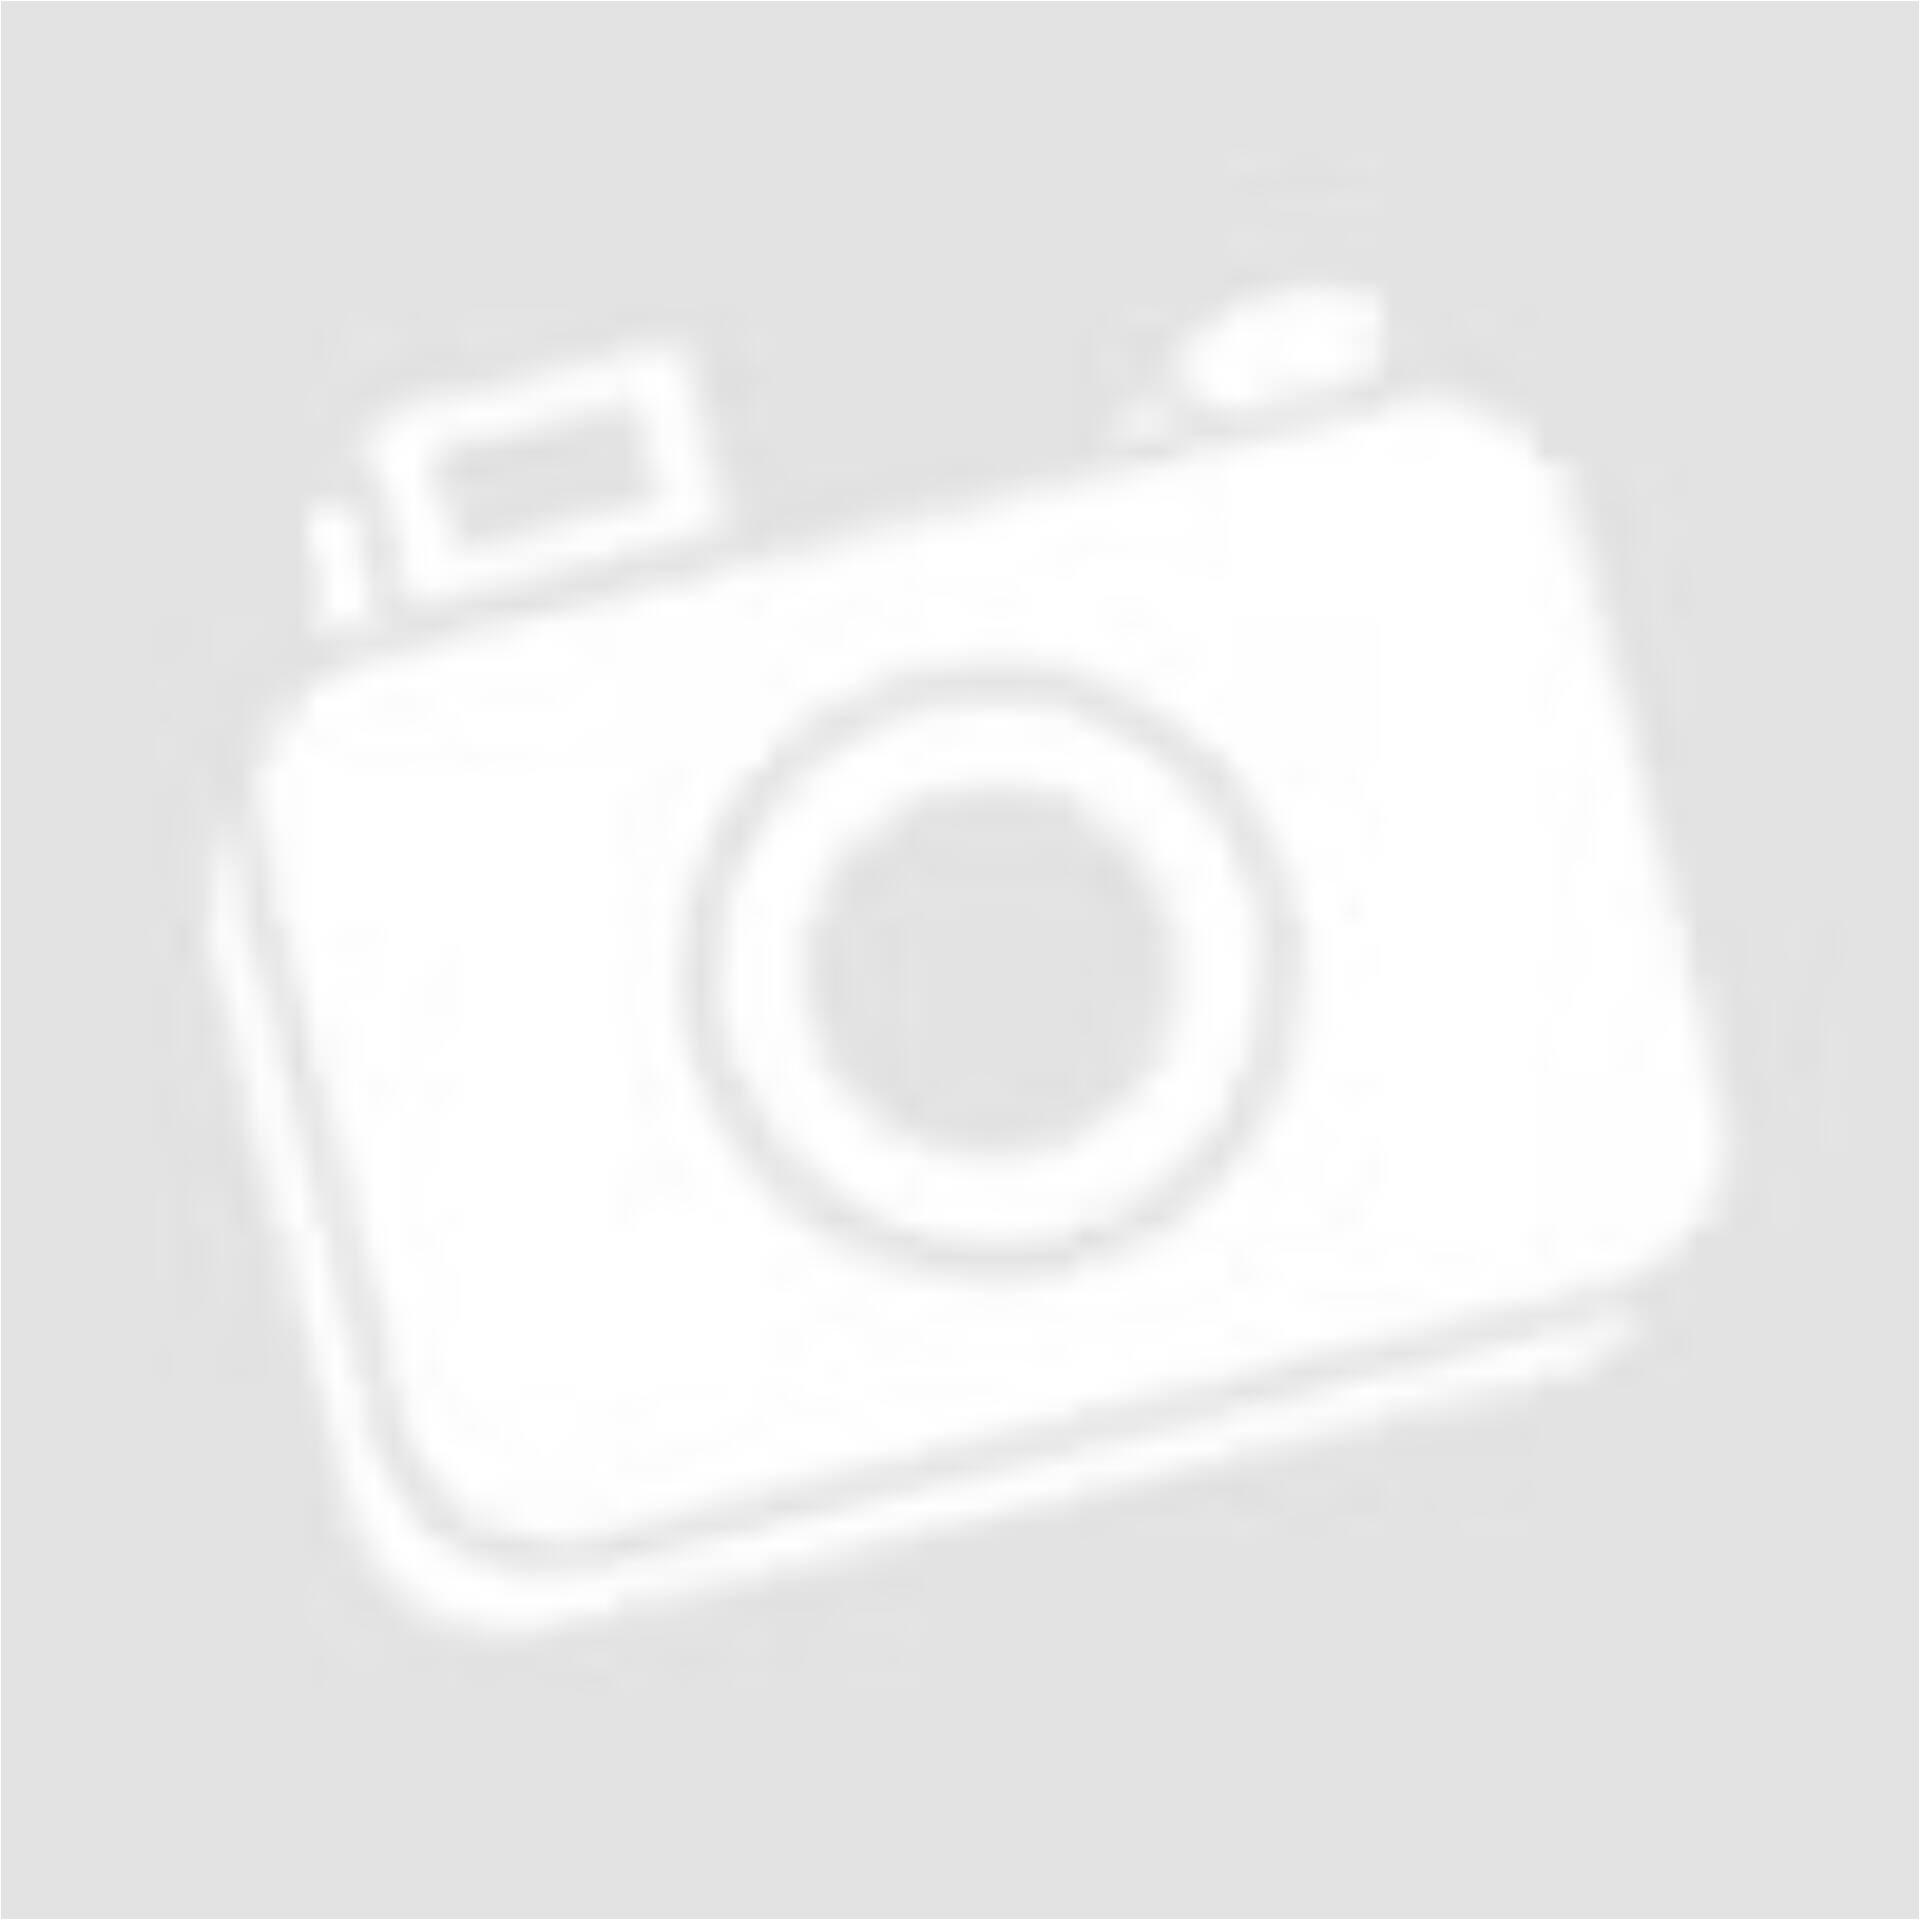 cd1320a1fc BLUEMOTION tégla színű kötött tunika (Méret: L) - Női pulóver, kardigán,  boleró - Öltözz ki webáruház - Új és Használtruha webshop